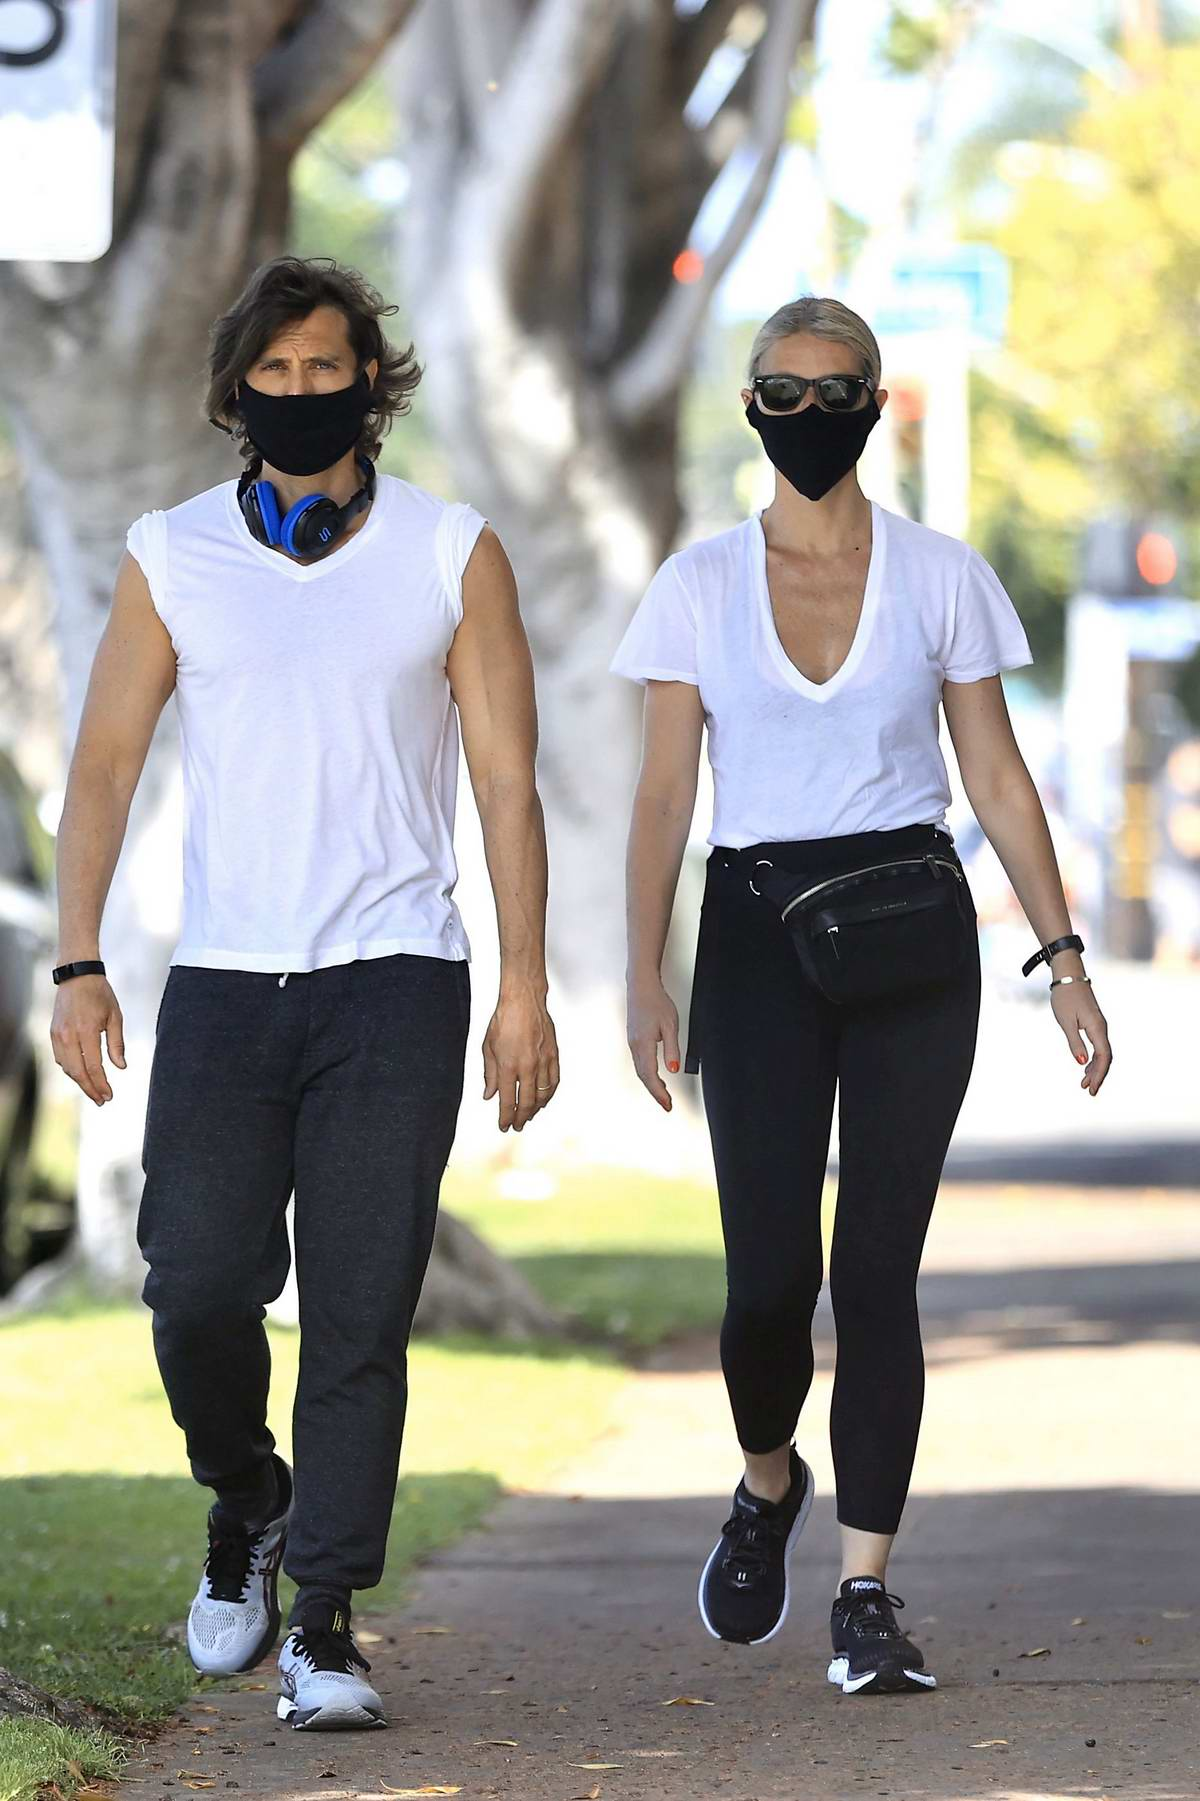 Gwyneth Paltrow enjoys a stroll in the sunshine with husband Brad Falchuk in West Hollywood, California